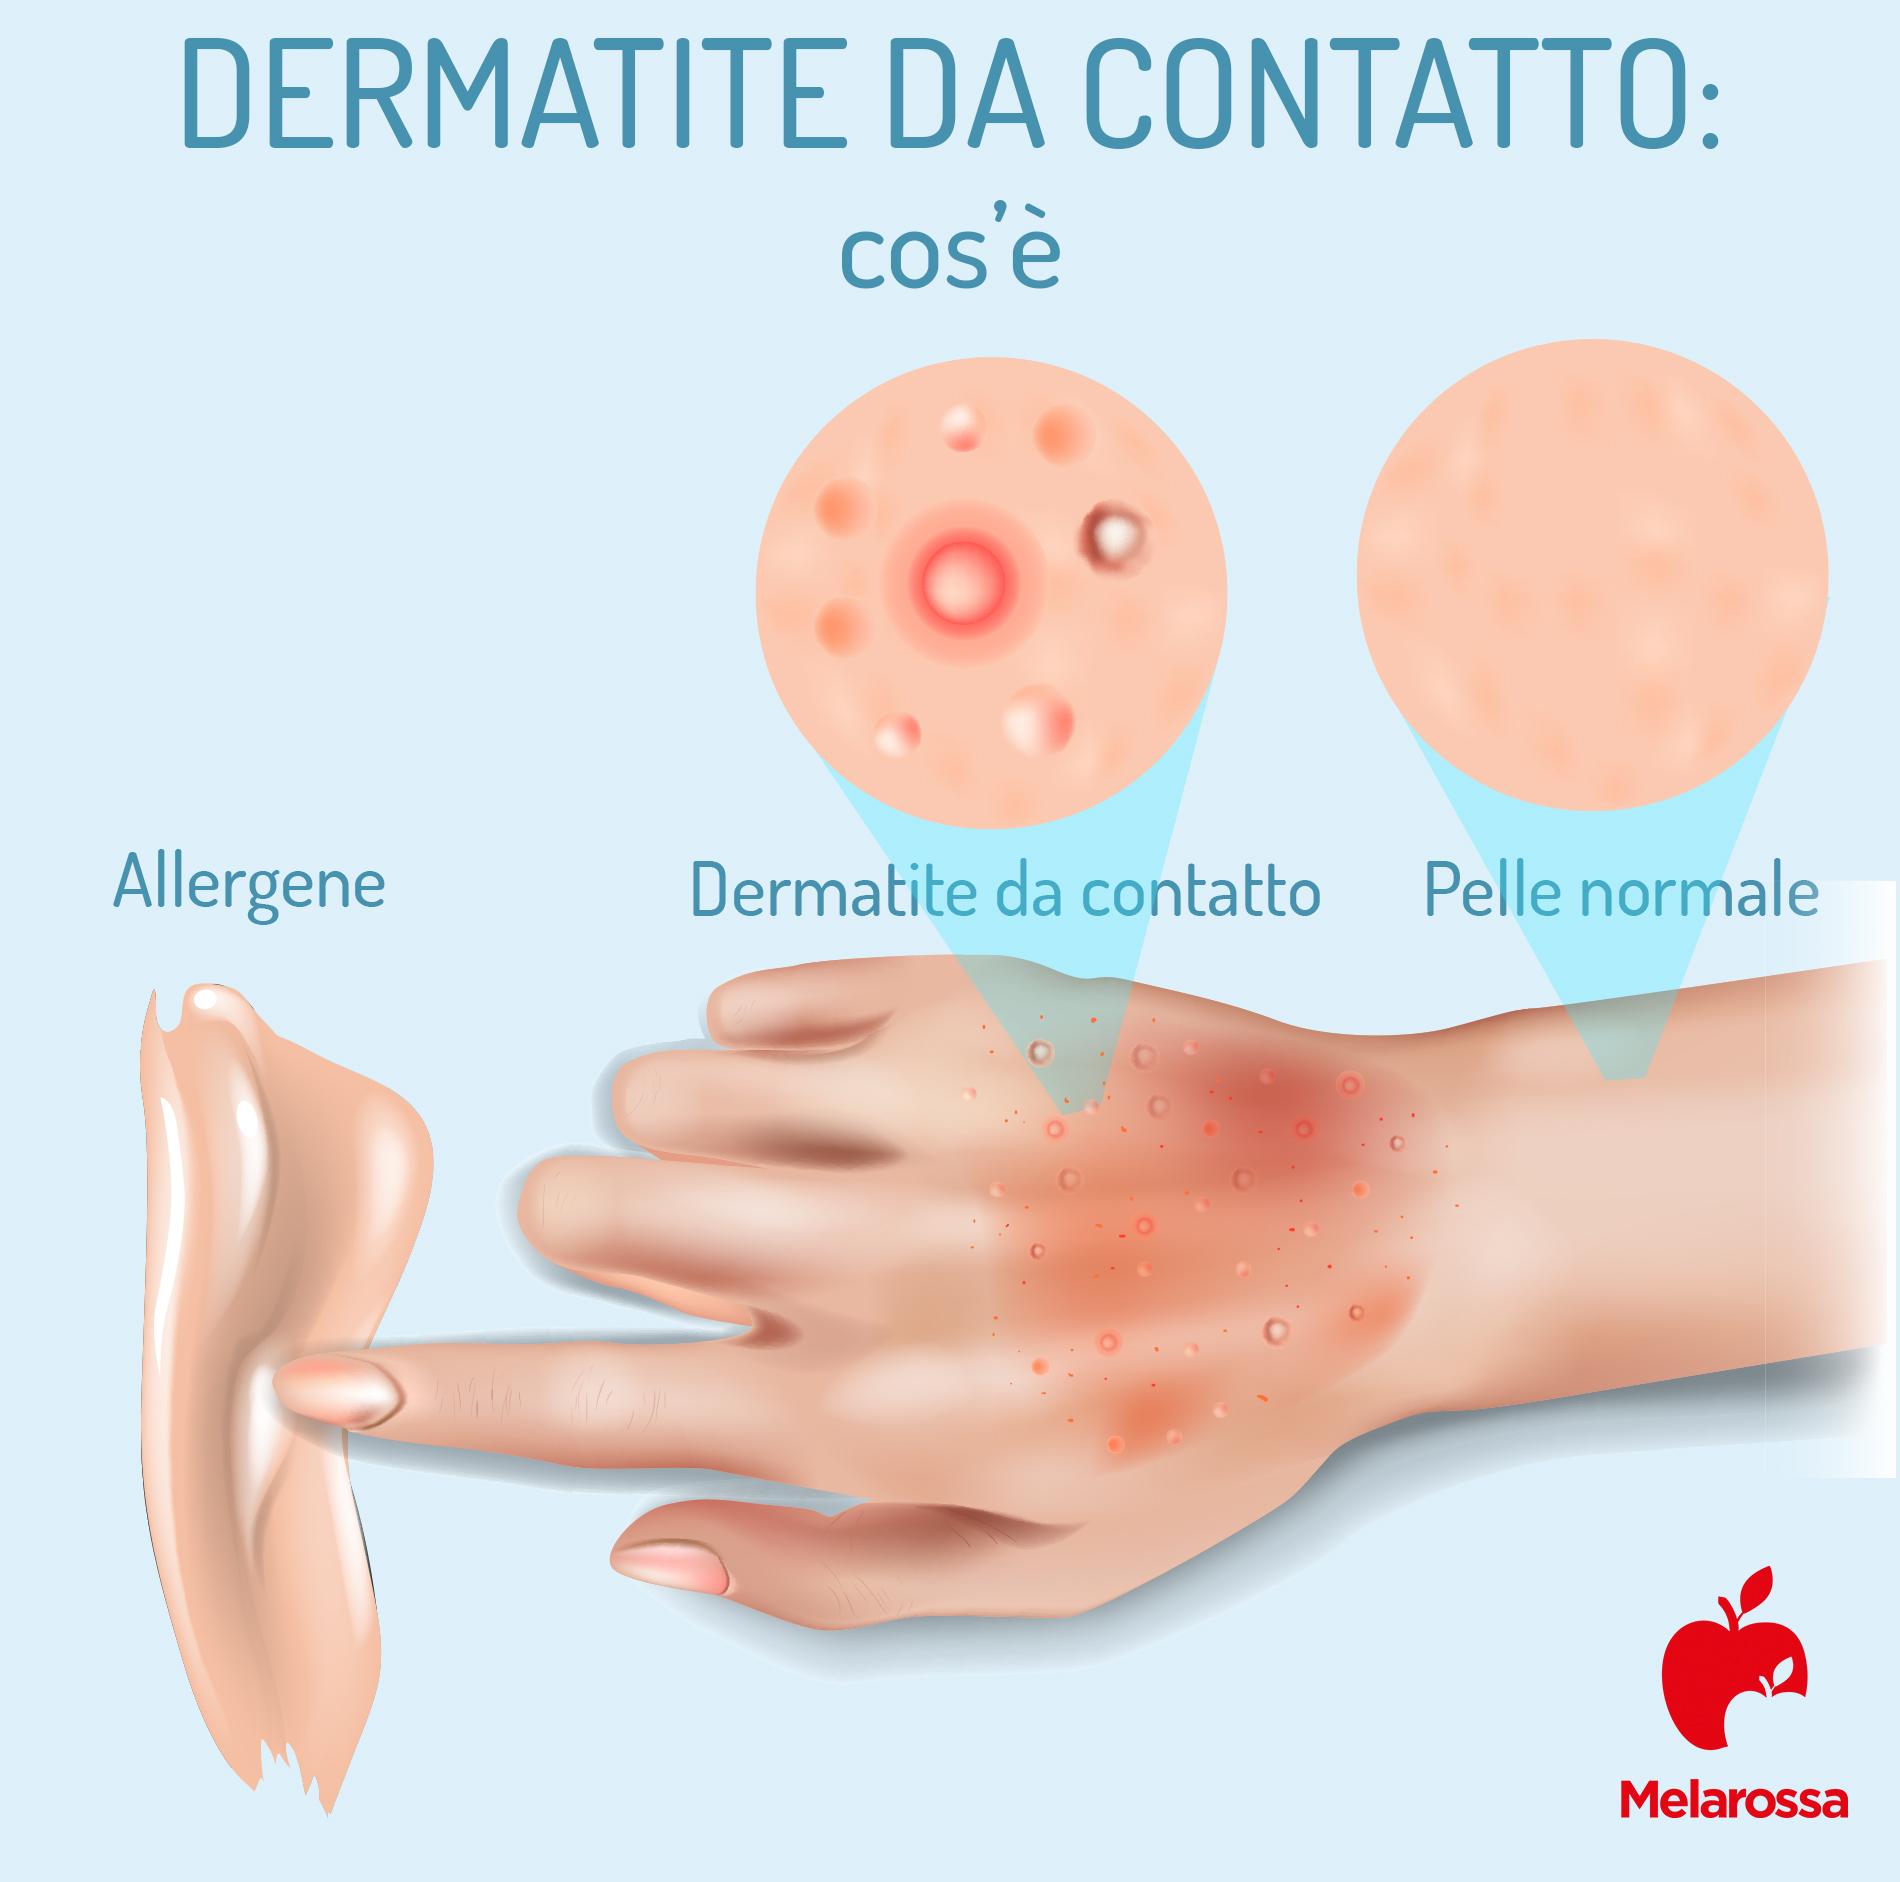 dermatite da contatto: cos'è